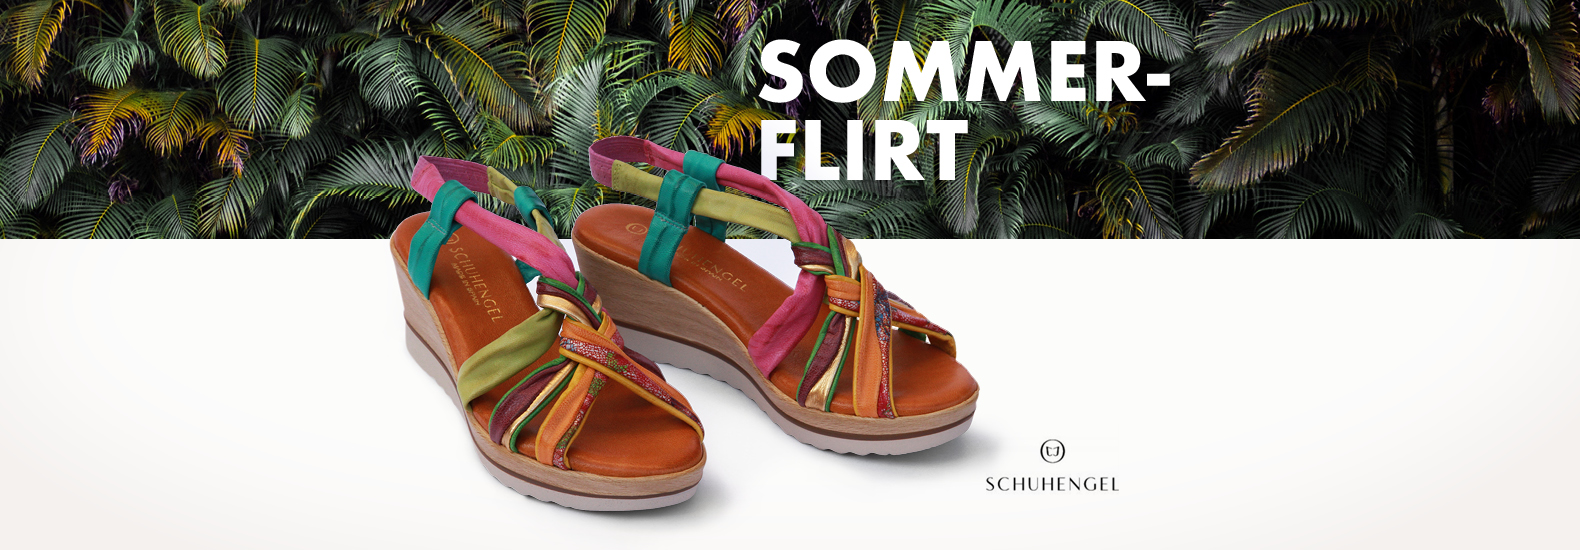 Online Werdich Online Werdich Werdich Online Schuhshop Der